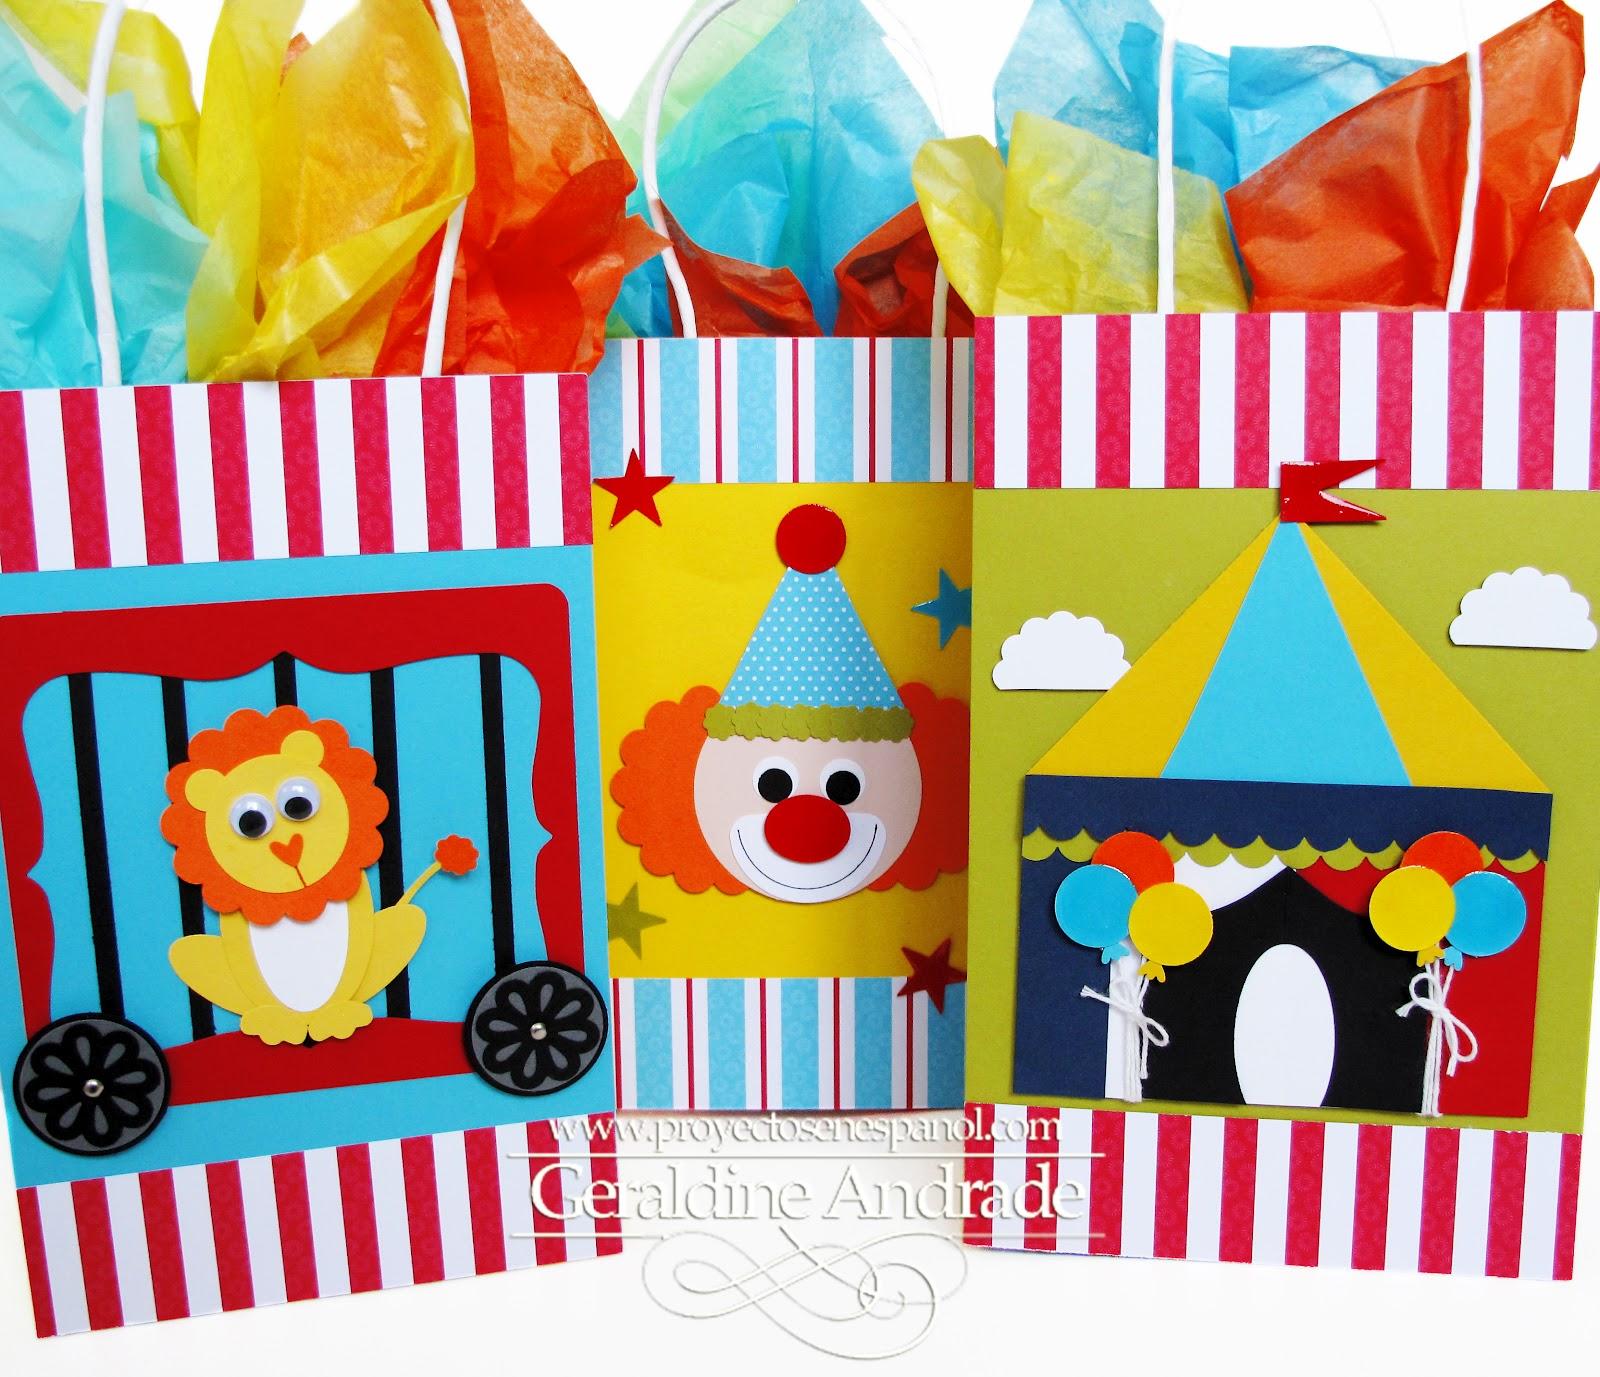 Mafer 39 s creations circus bags bolsas de circo para los - Telas con motivos infantiles ...